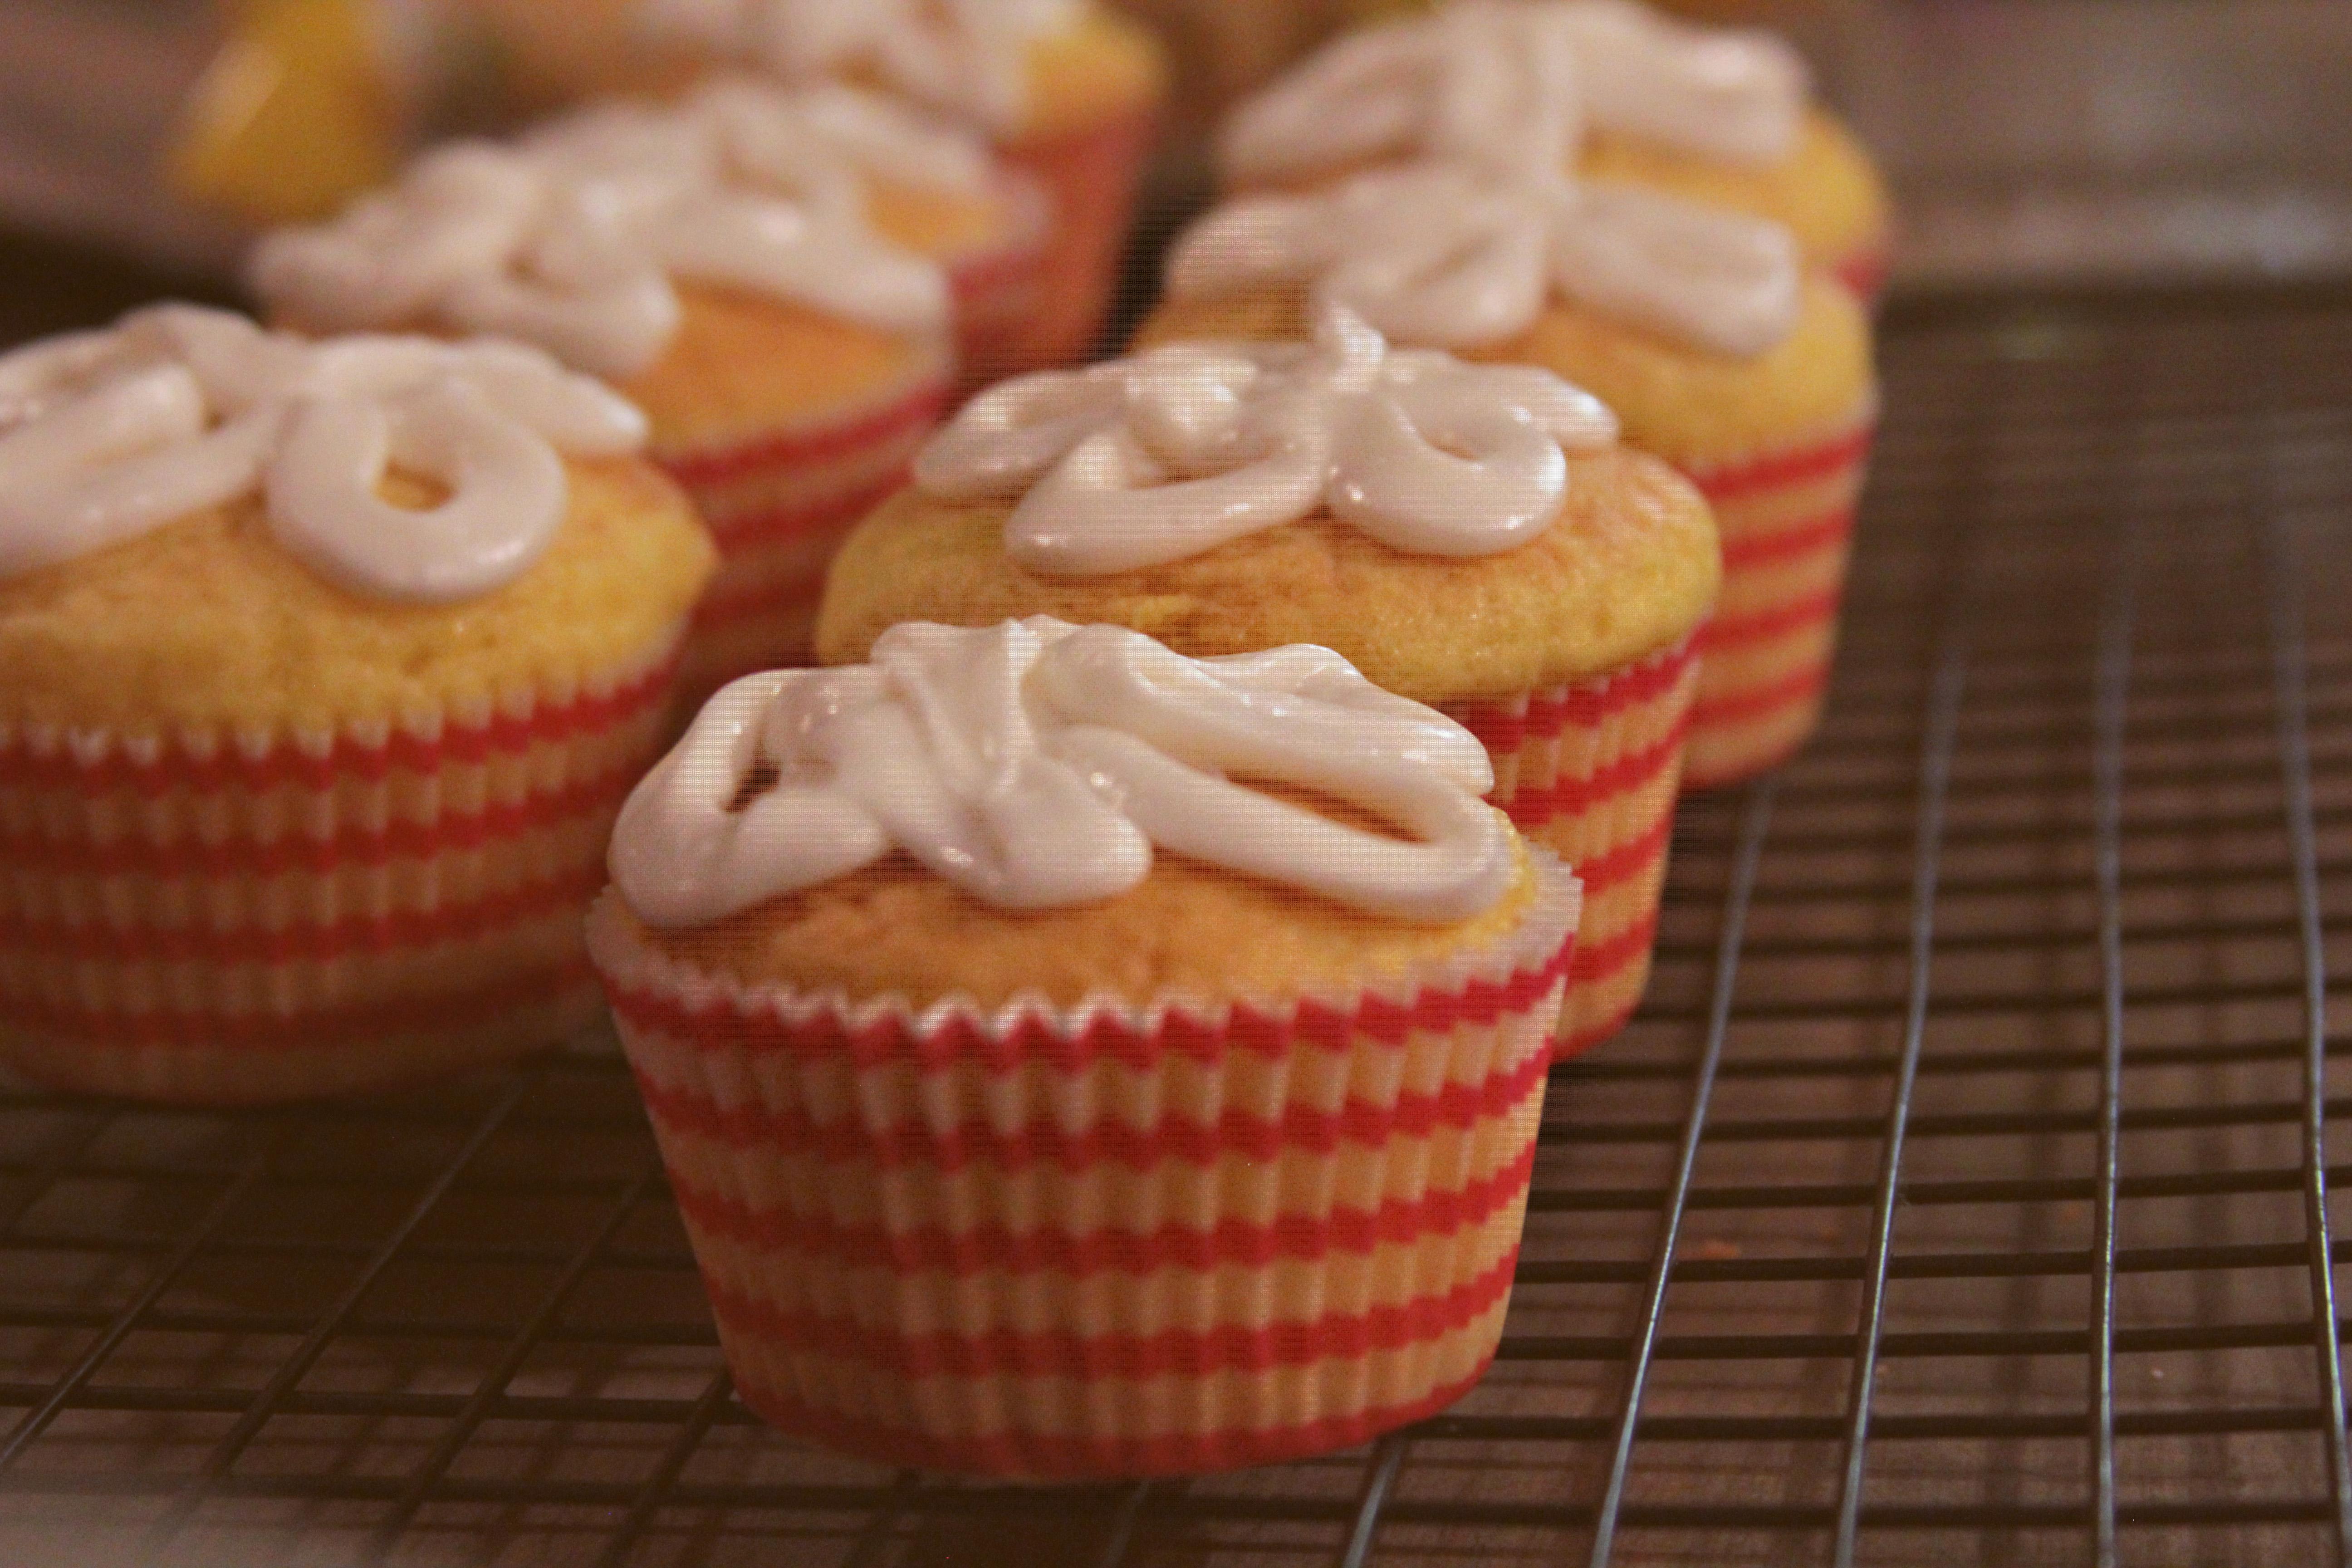 süß Muster Lebensmittel produzieren frisch Cupcake Backen Snack Dessert Kuchen Nahansicht Gebäck Glasur Cupcakes Süße Tiefenschärfe